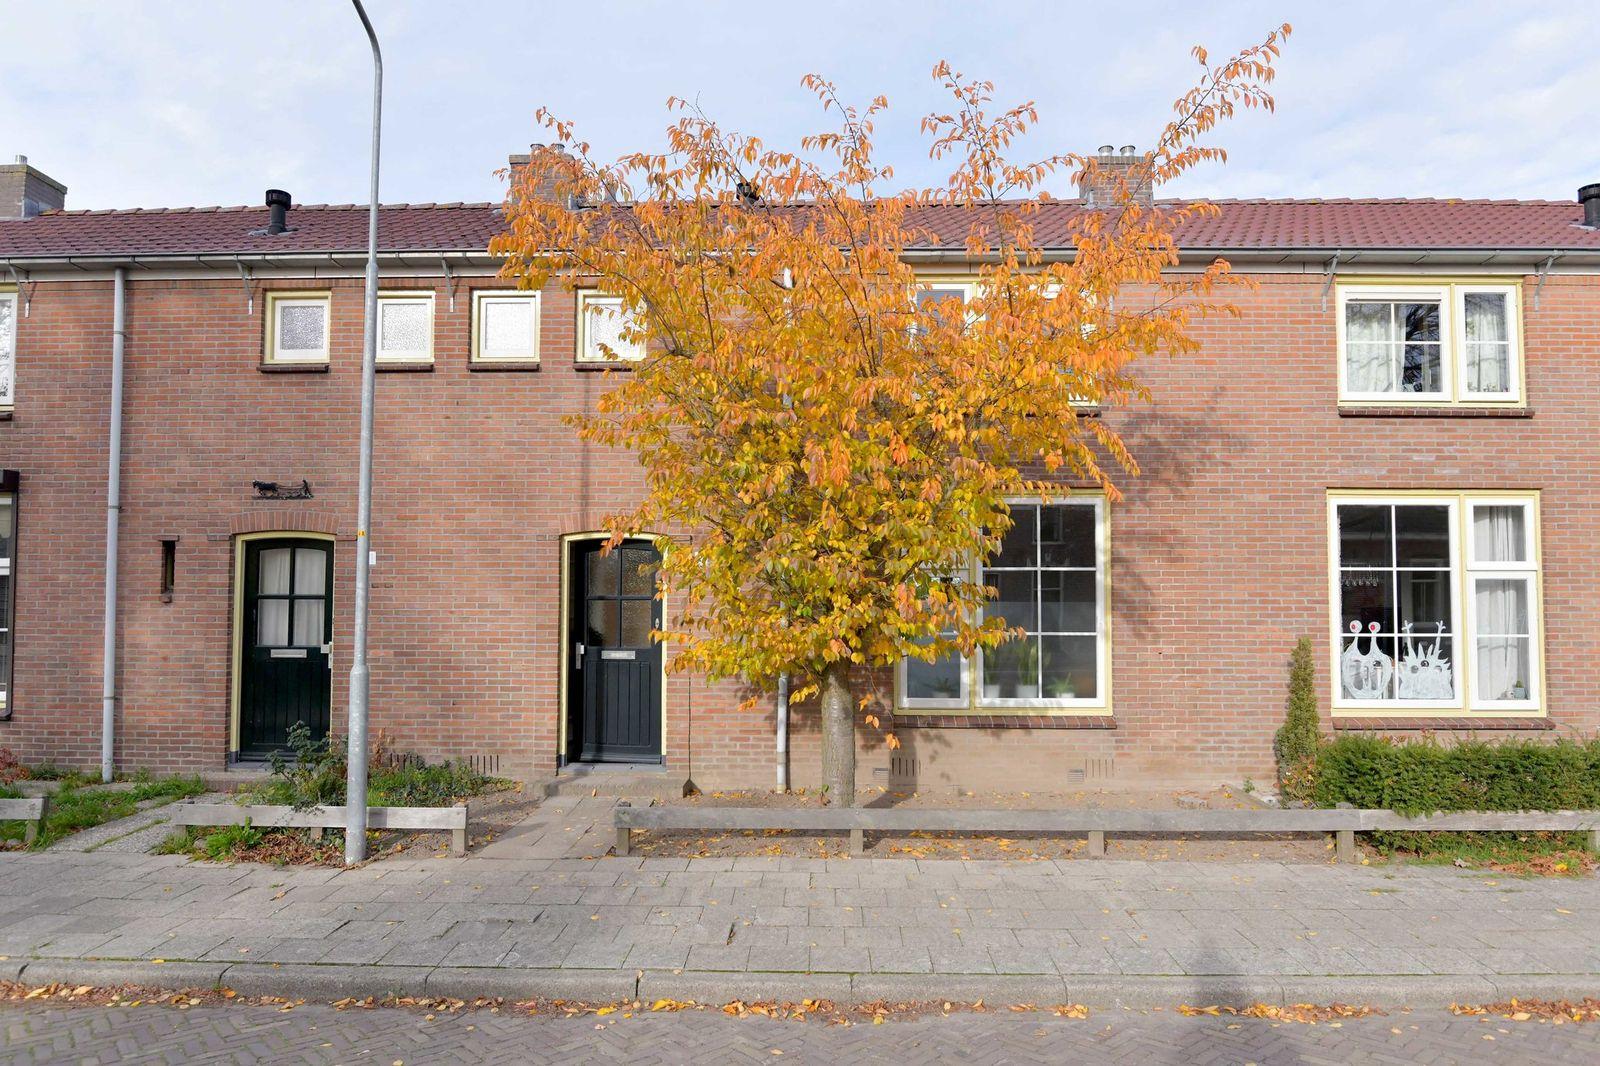 Gasfabriekstraat 13, Brummen